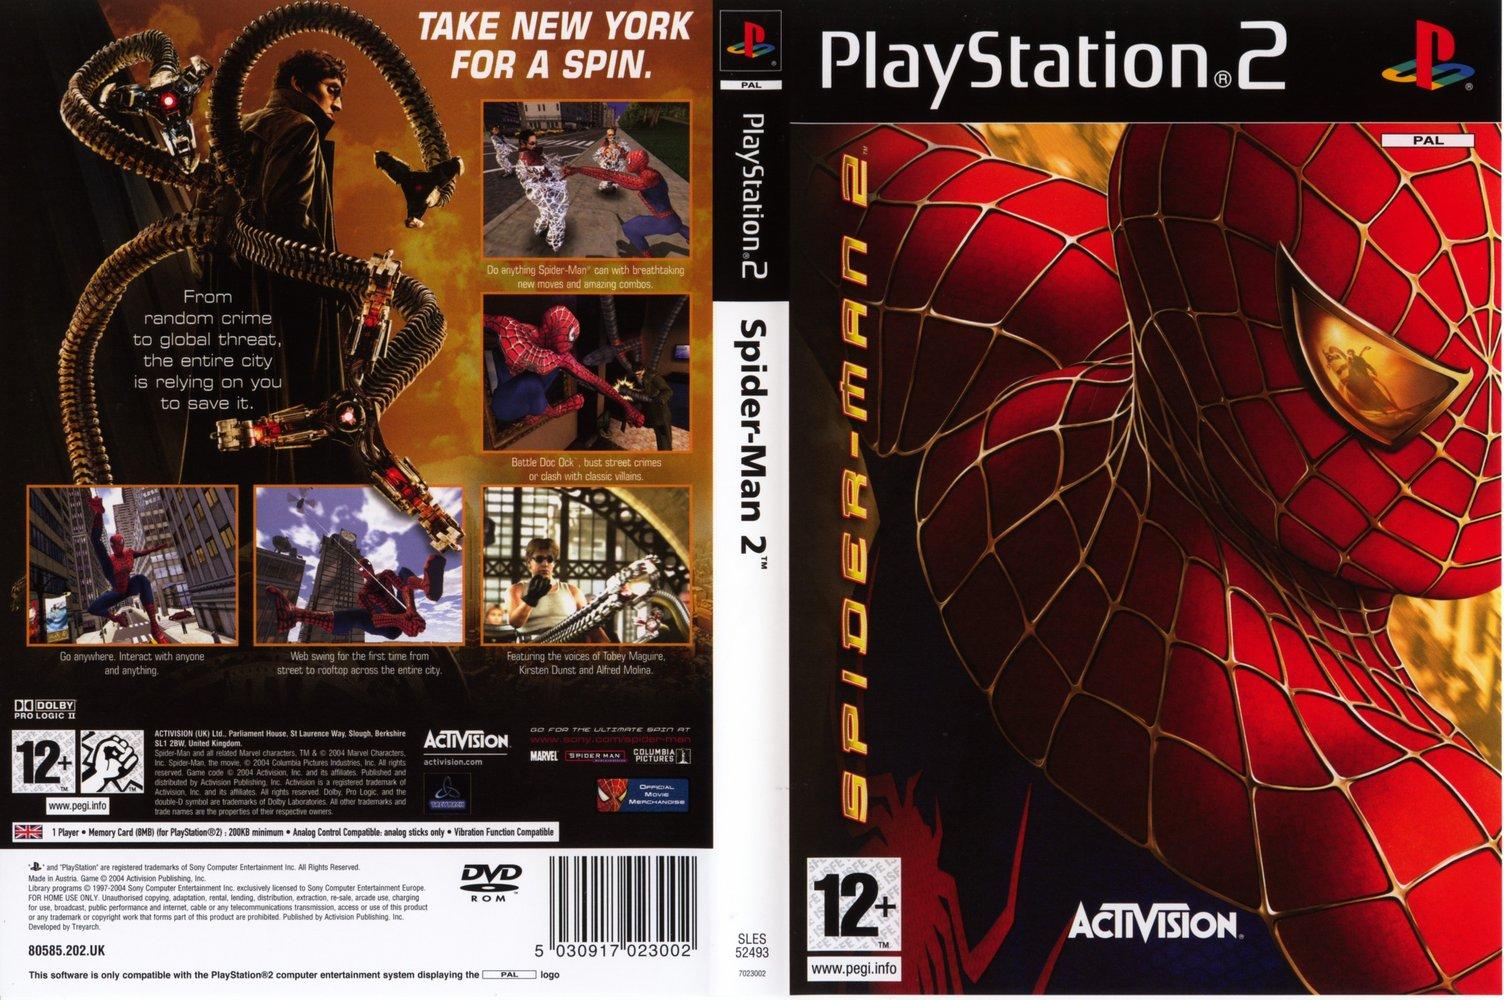 http://2.bp.blogspot.com/-oYtwRozfWHc/TVUJw0Nud7I/AAAAAAAAASs/wXmYh-xosq4/s1600/Spiderman_2_pal-front.jpg